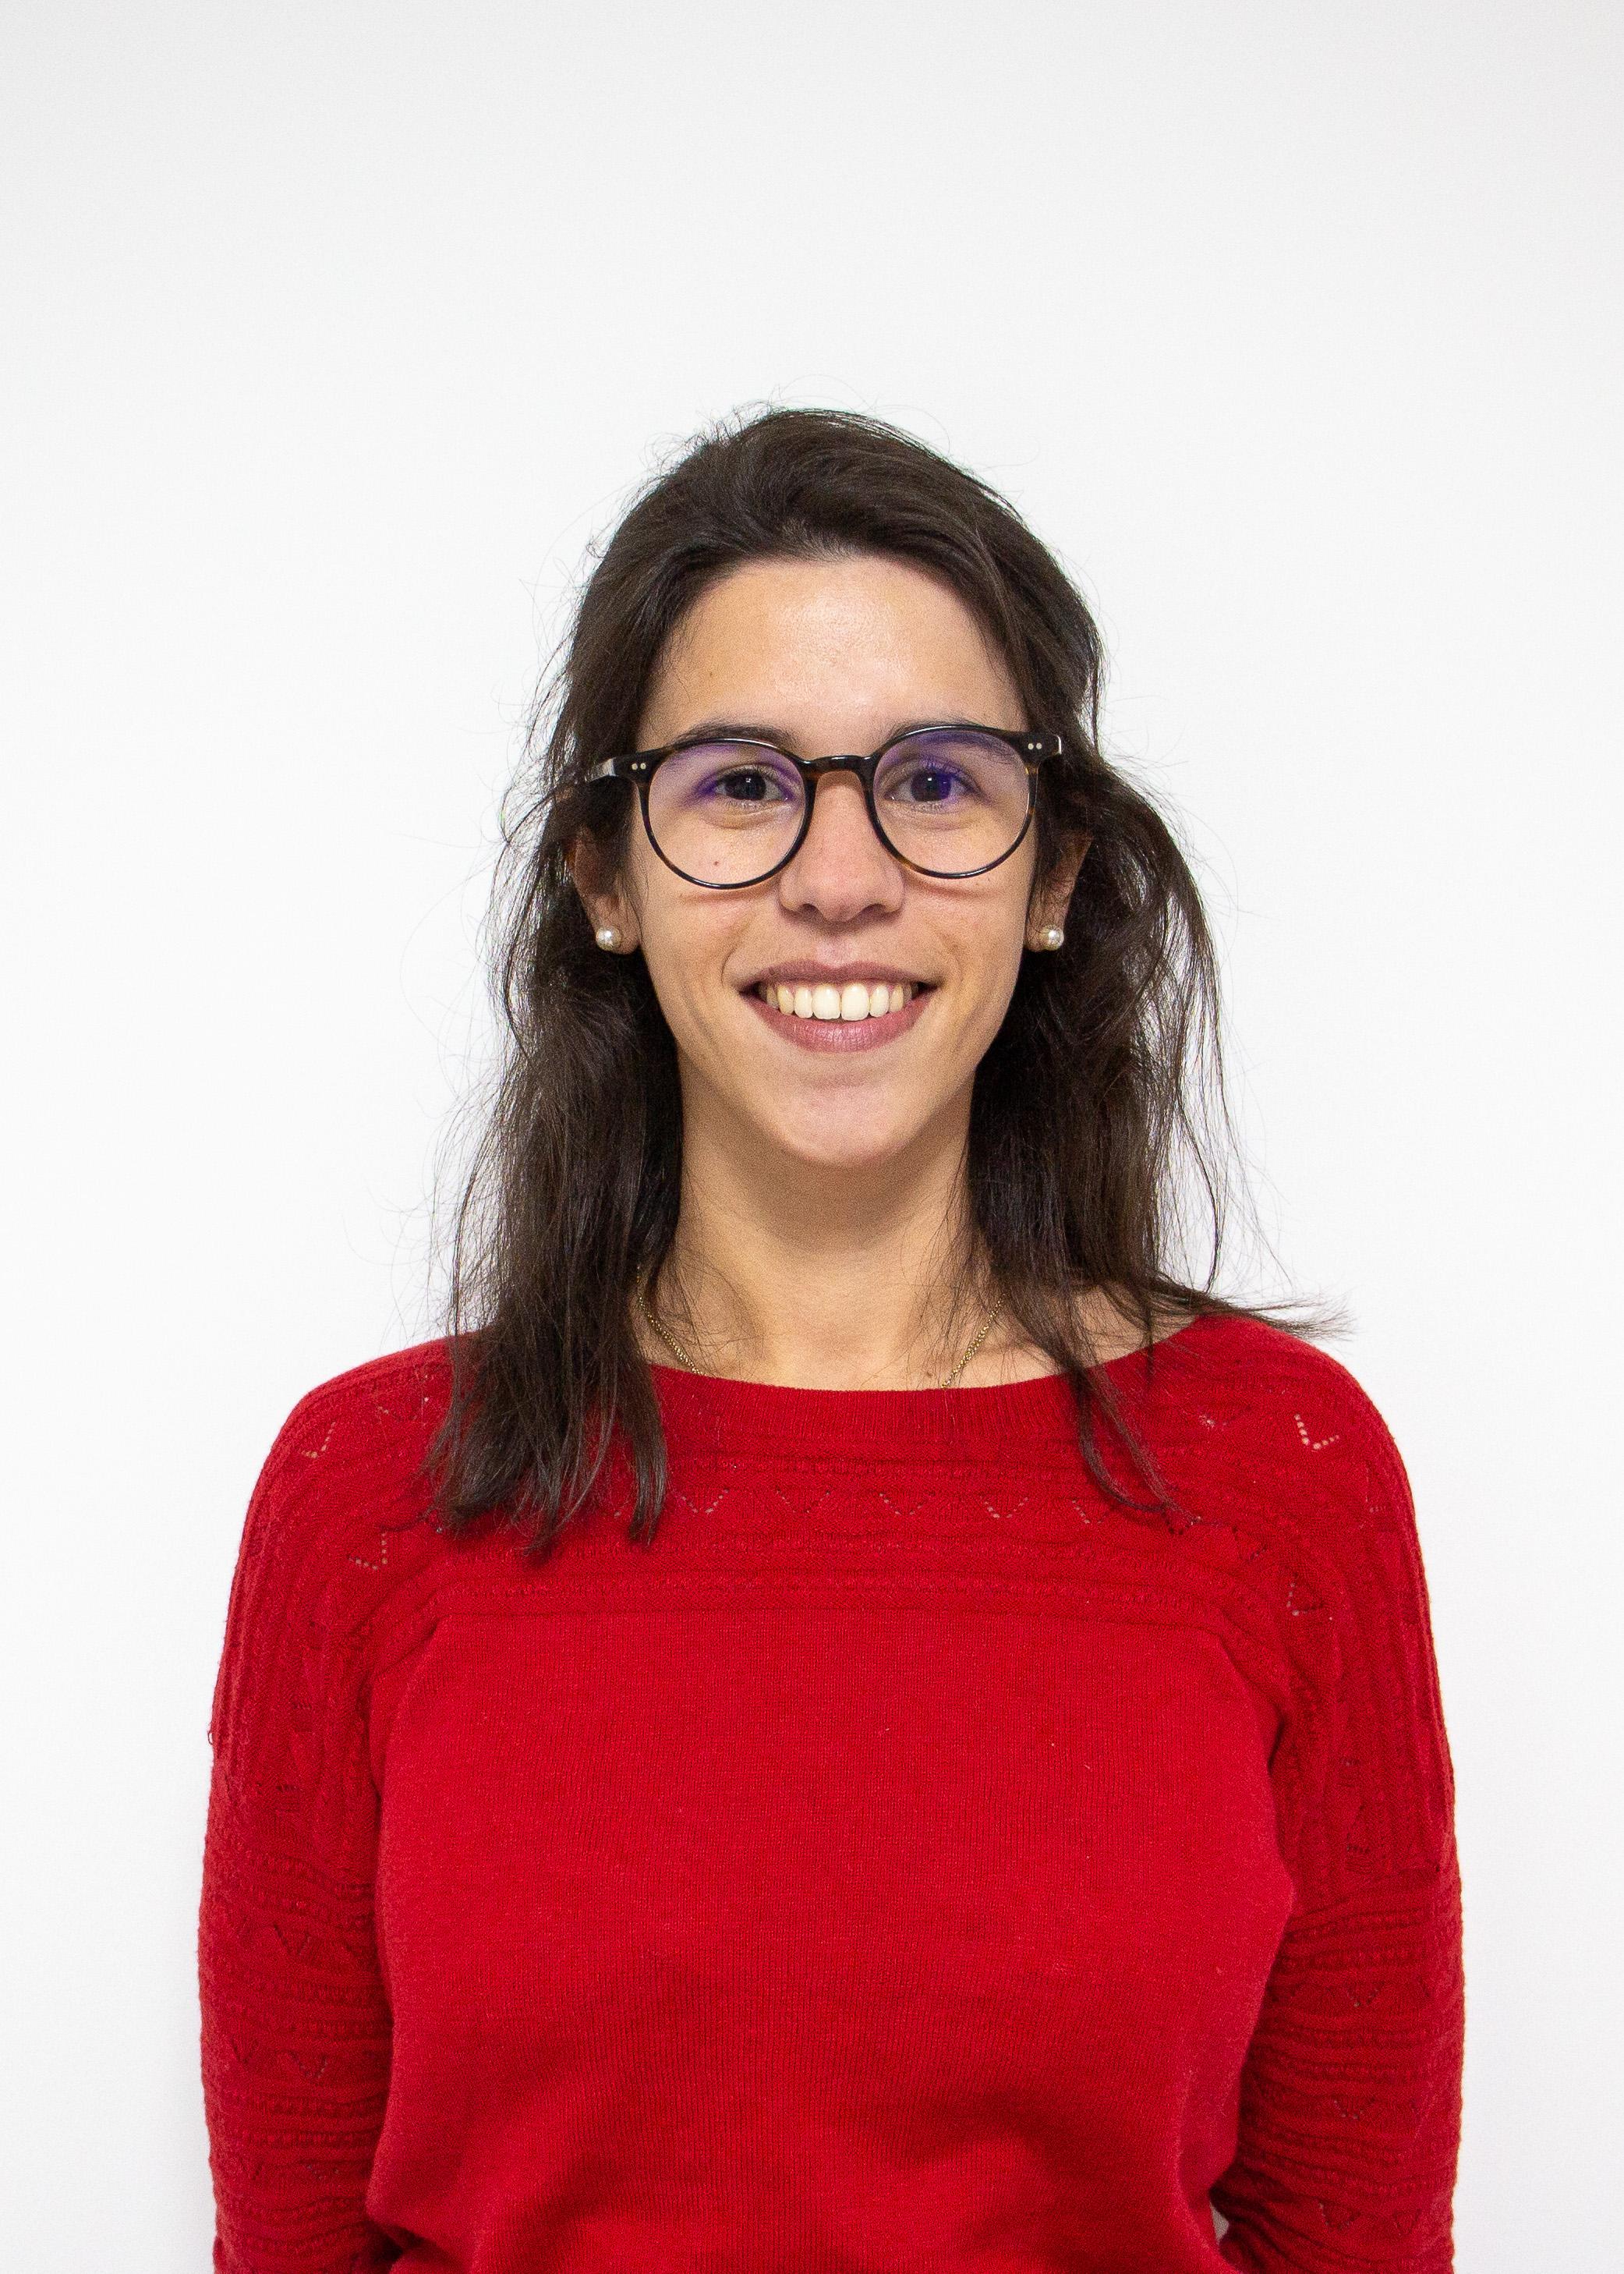 Clarisse Portela